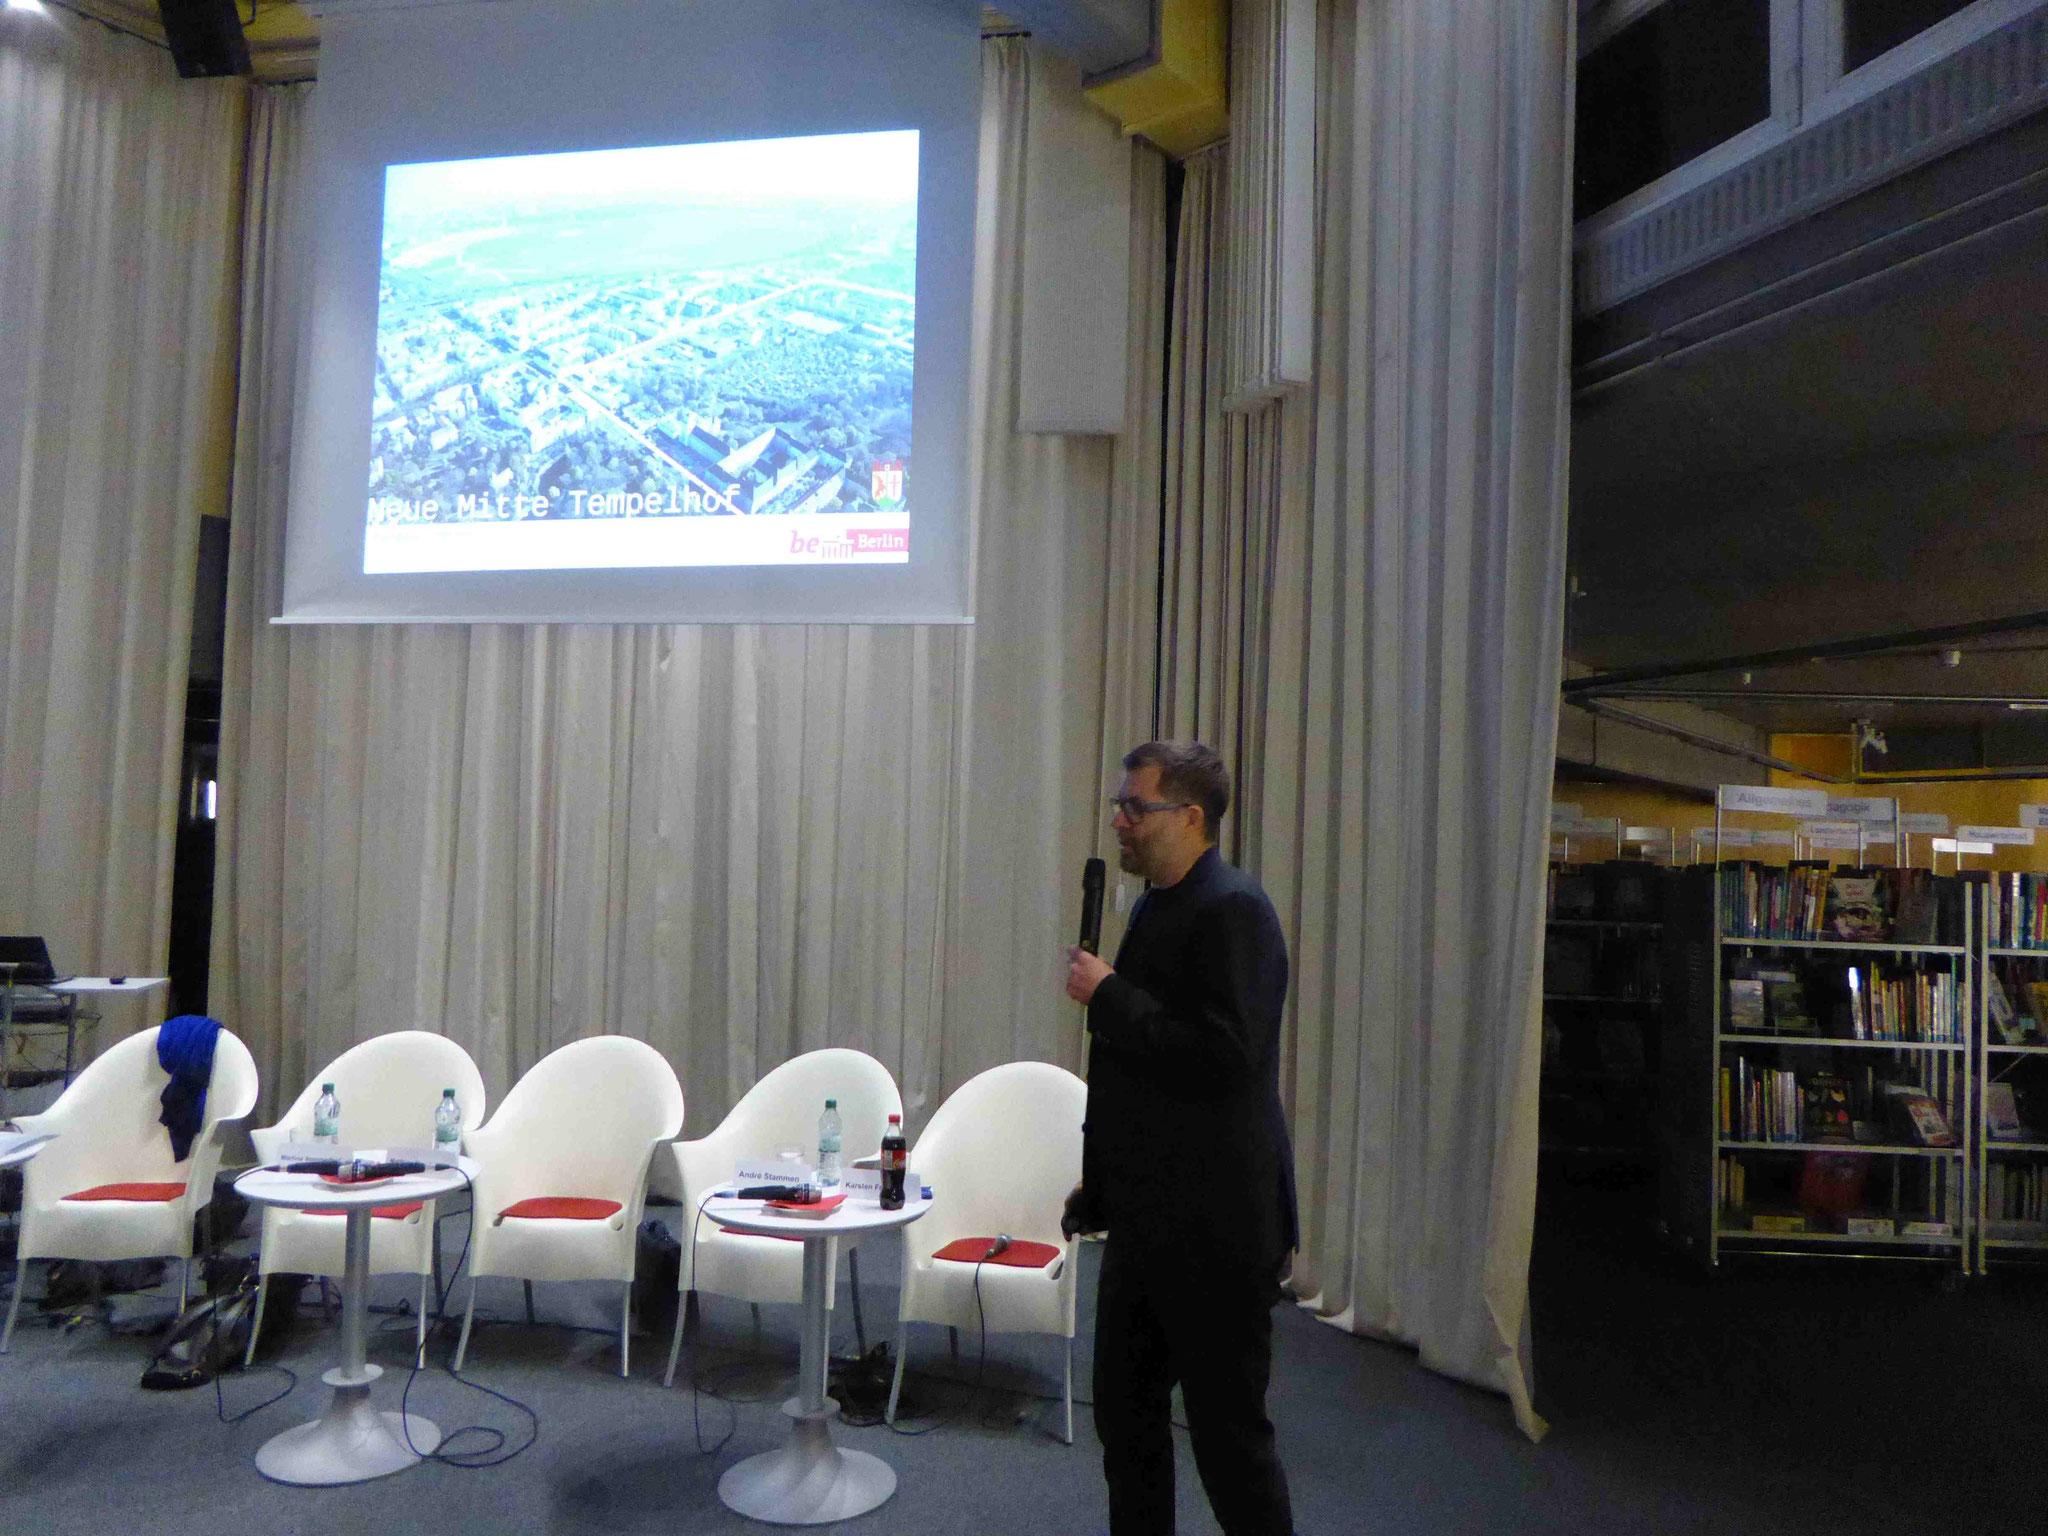 Der Architekt, Herr Fleckenstein, bei seinem Vortrag